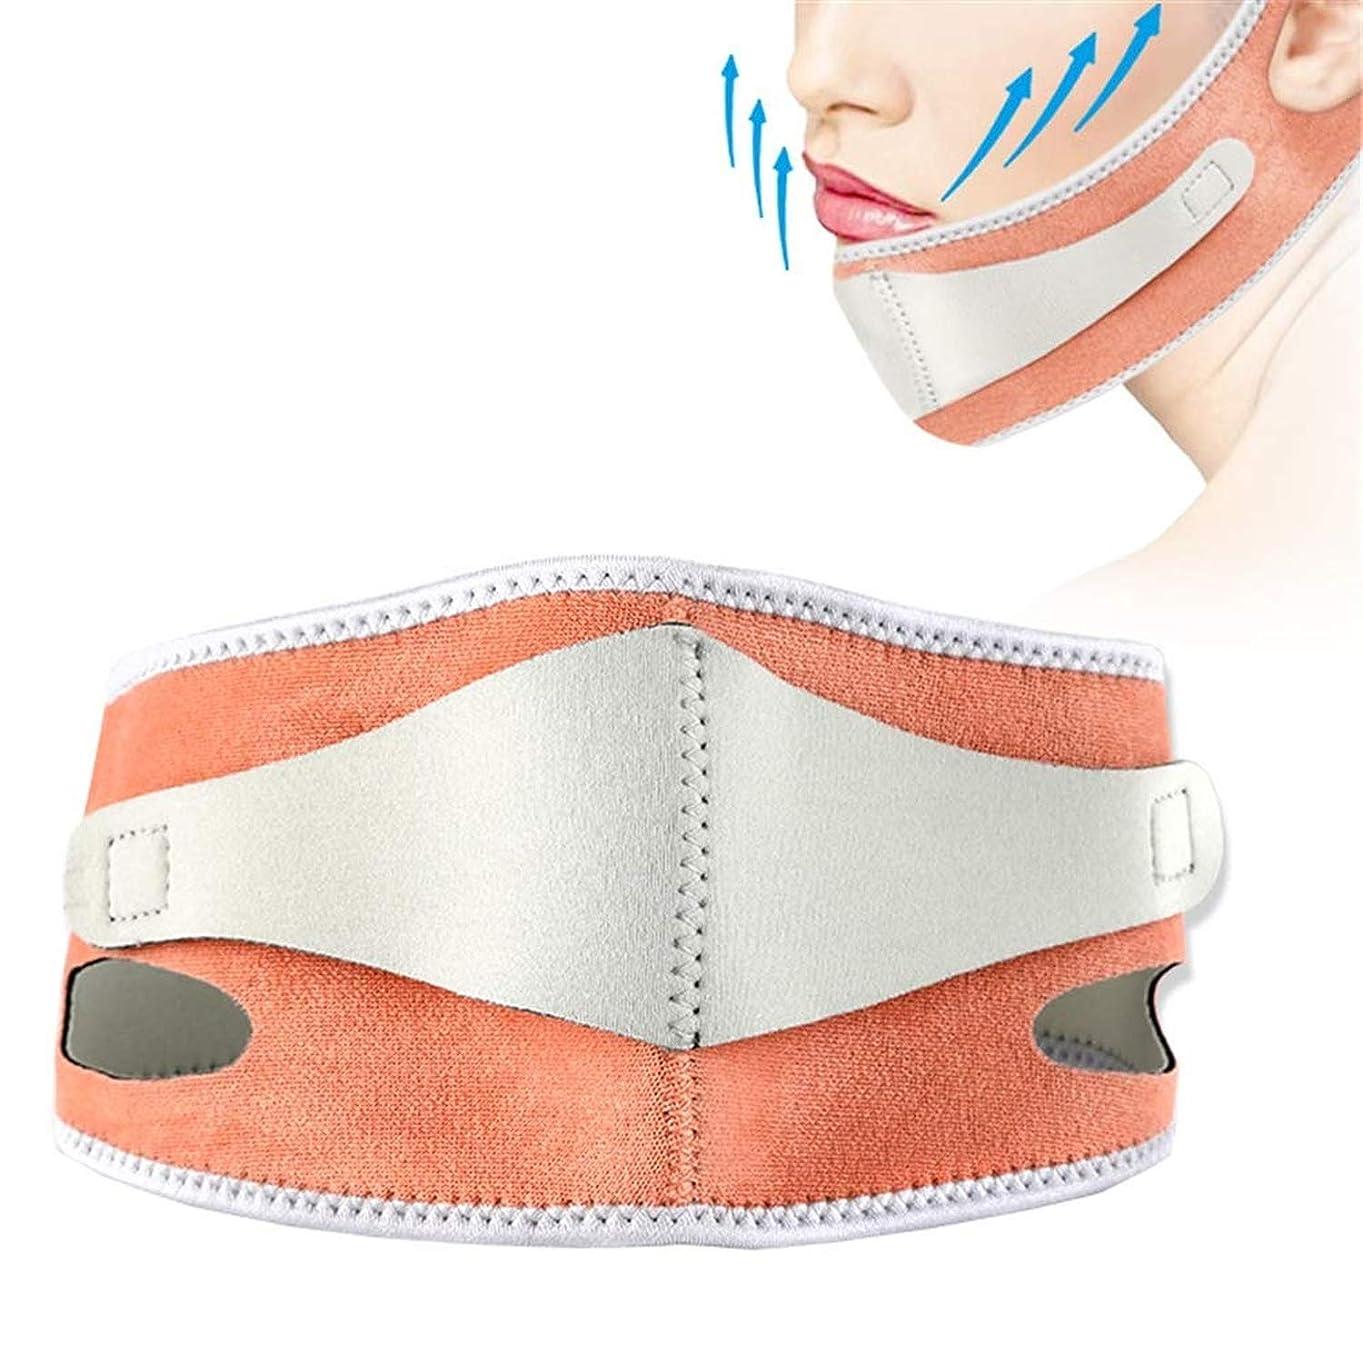 遷移前述の低いフェイシャルスリミングベルト、Vフェイスシェイピングベルト、頬補強ベルト、美容弾性スリーブ薄い顔術後回復包帯、減量包帯を削除するには二重あご、フェイスリフト減量睡眠マスク包帯